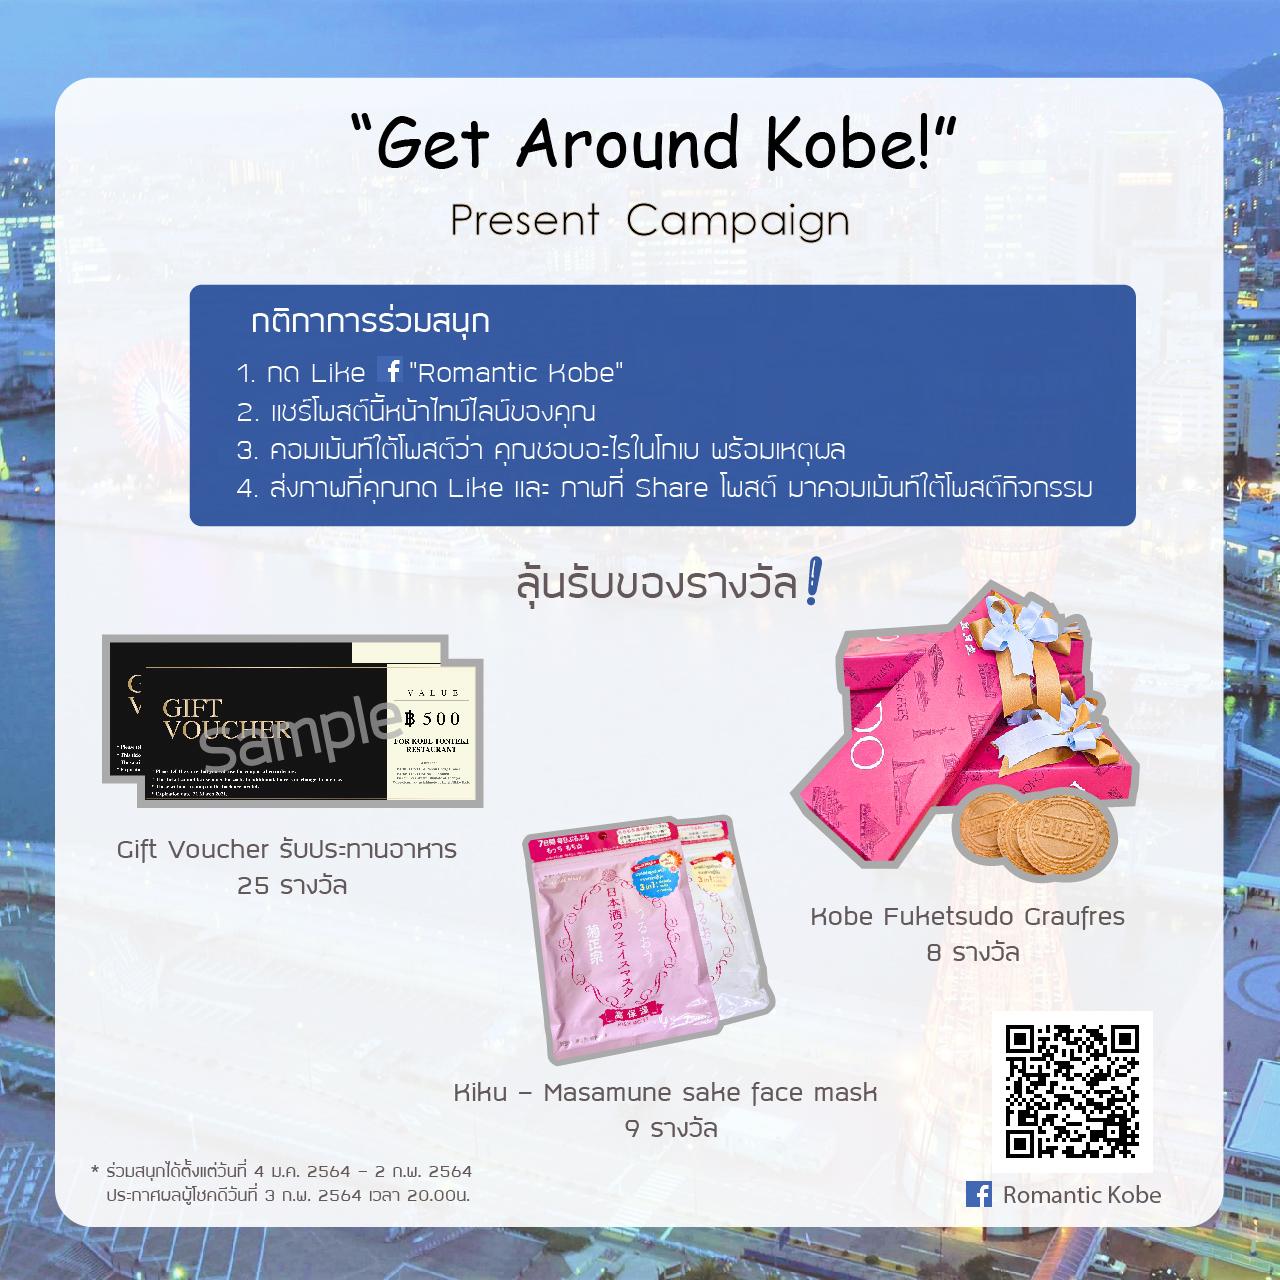 ร่วมสนุกกับกิจกรรมกับทางเฟซบุ๊กแฟนเพจ Romantic Kobe